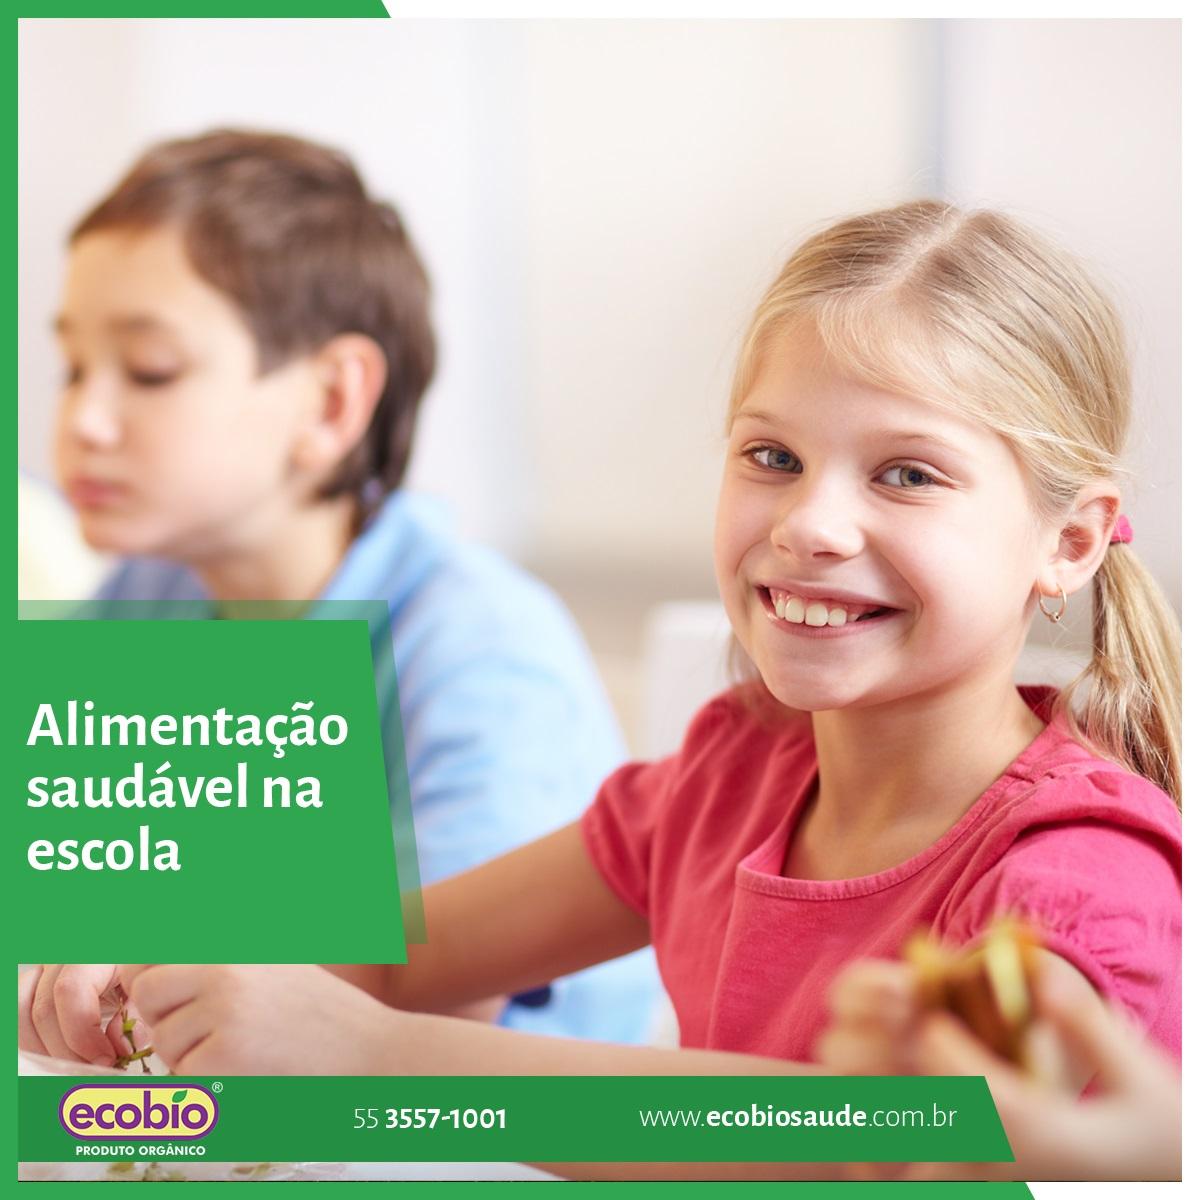 Alimentação saudável na escola